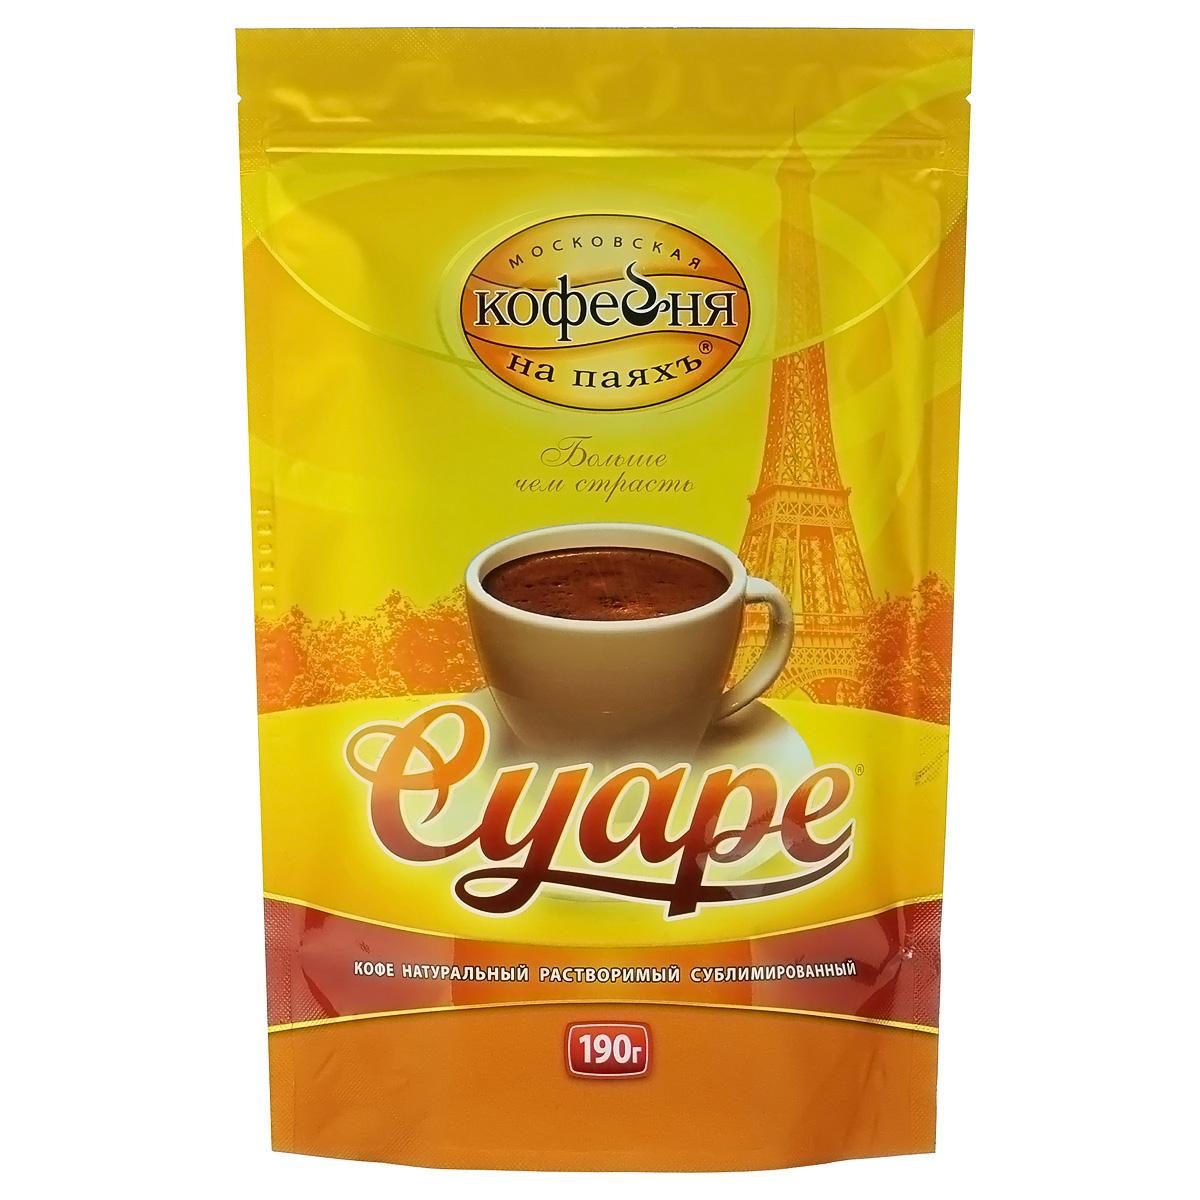 Московская кофейня на паяхъ Суаре кофе растворимый, пакет 190 г4601985003411Кофе натуральный растворимый сублимированный Московская кофейня на паяхъ Суаре. Создателей этого кофе вдохновила беззаботная атмосфера парижских кофеен. Этот крепкий, с благородной горчинкой кофе подойдет и для романтического вечера вдвоем, и для перерыва посреди напряженного рабочего дня.